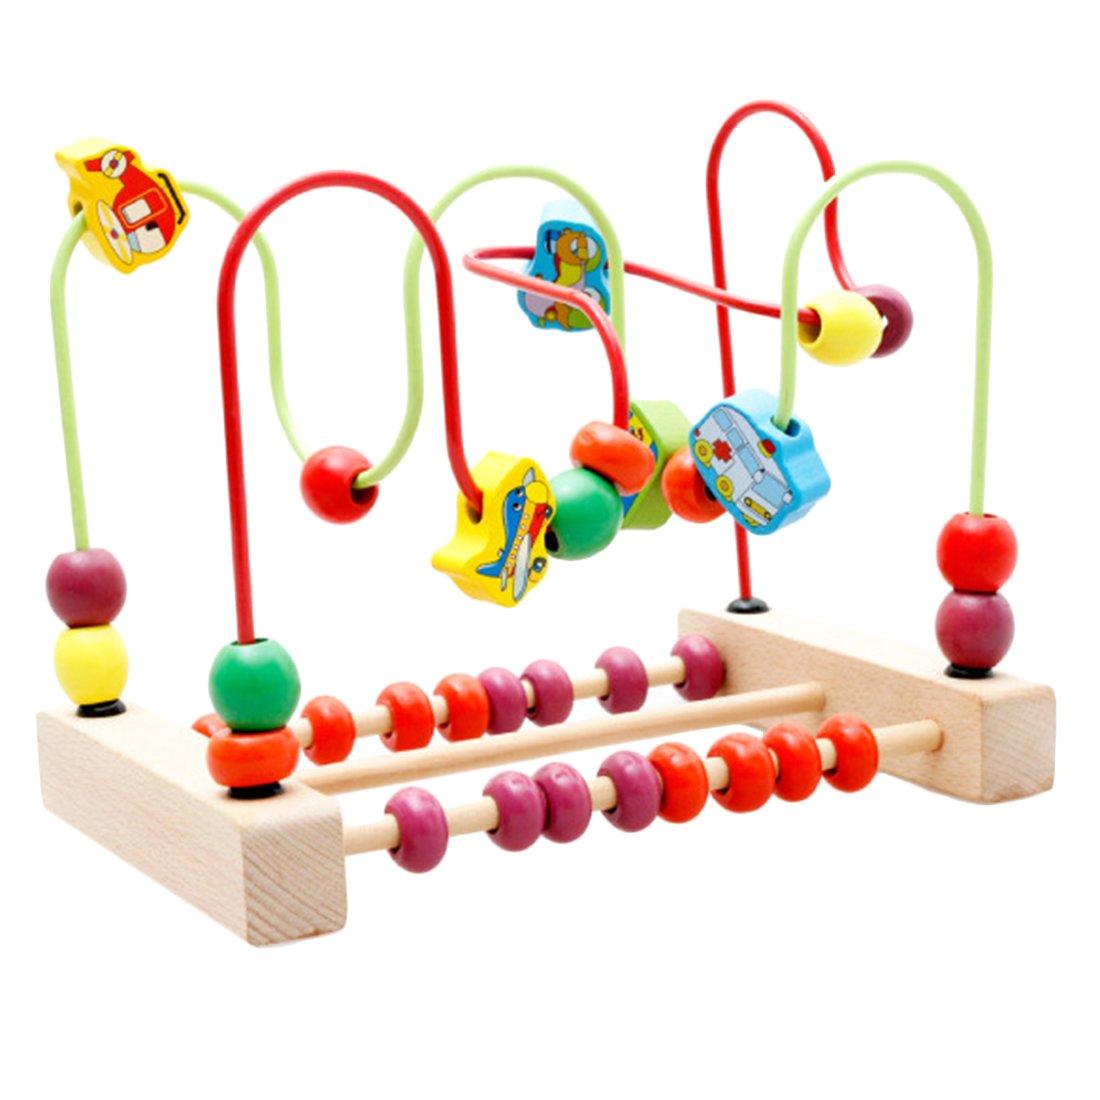 LVPY Motorikwürfel, Motorikschleife aus Holz mit drei verschiedenen Schleifen Tierkreis Roller Coaster um Korn Maze Spielzeug Für Kinder ab 3 Jahren LVPY Motorikwürfel